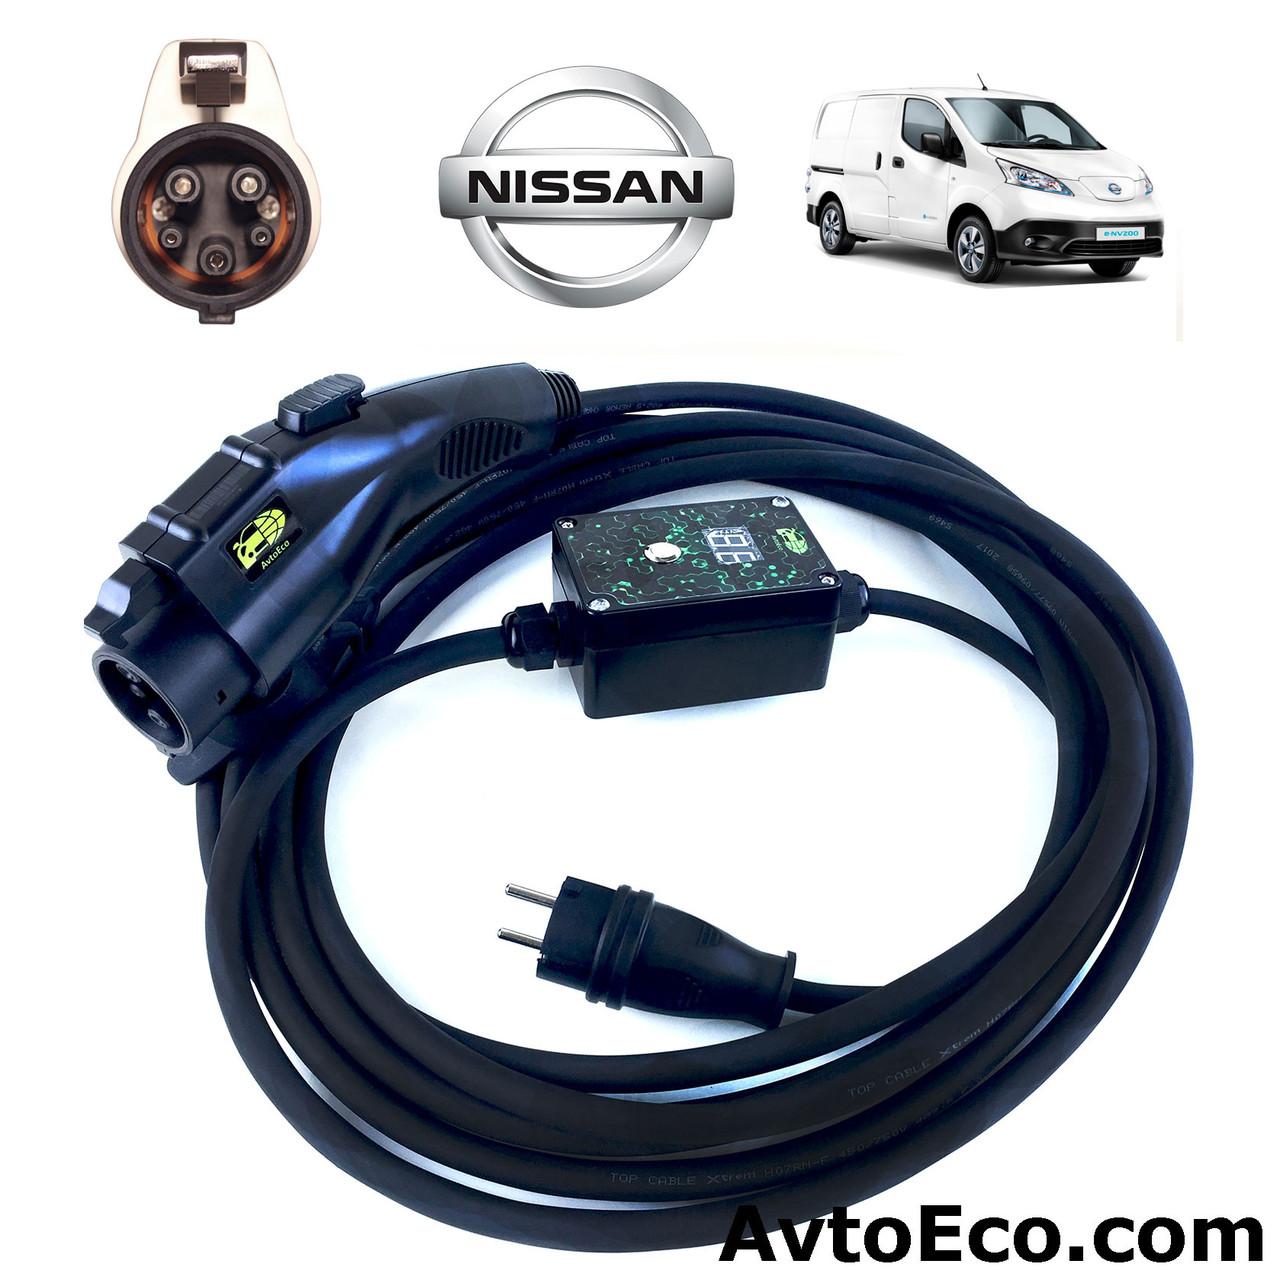 Зарядное устройство для электромобиля Nissan NV200 SE Van AutoEco J1772-16A-BOX